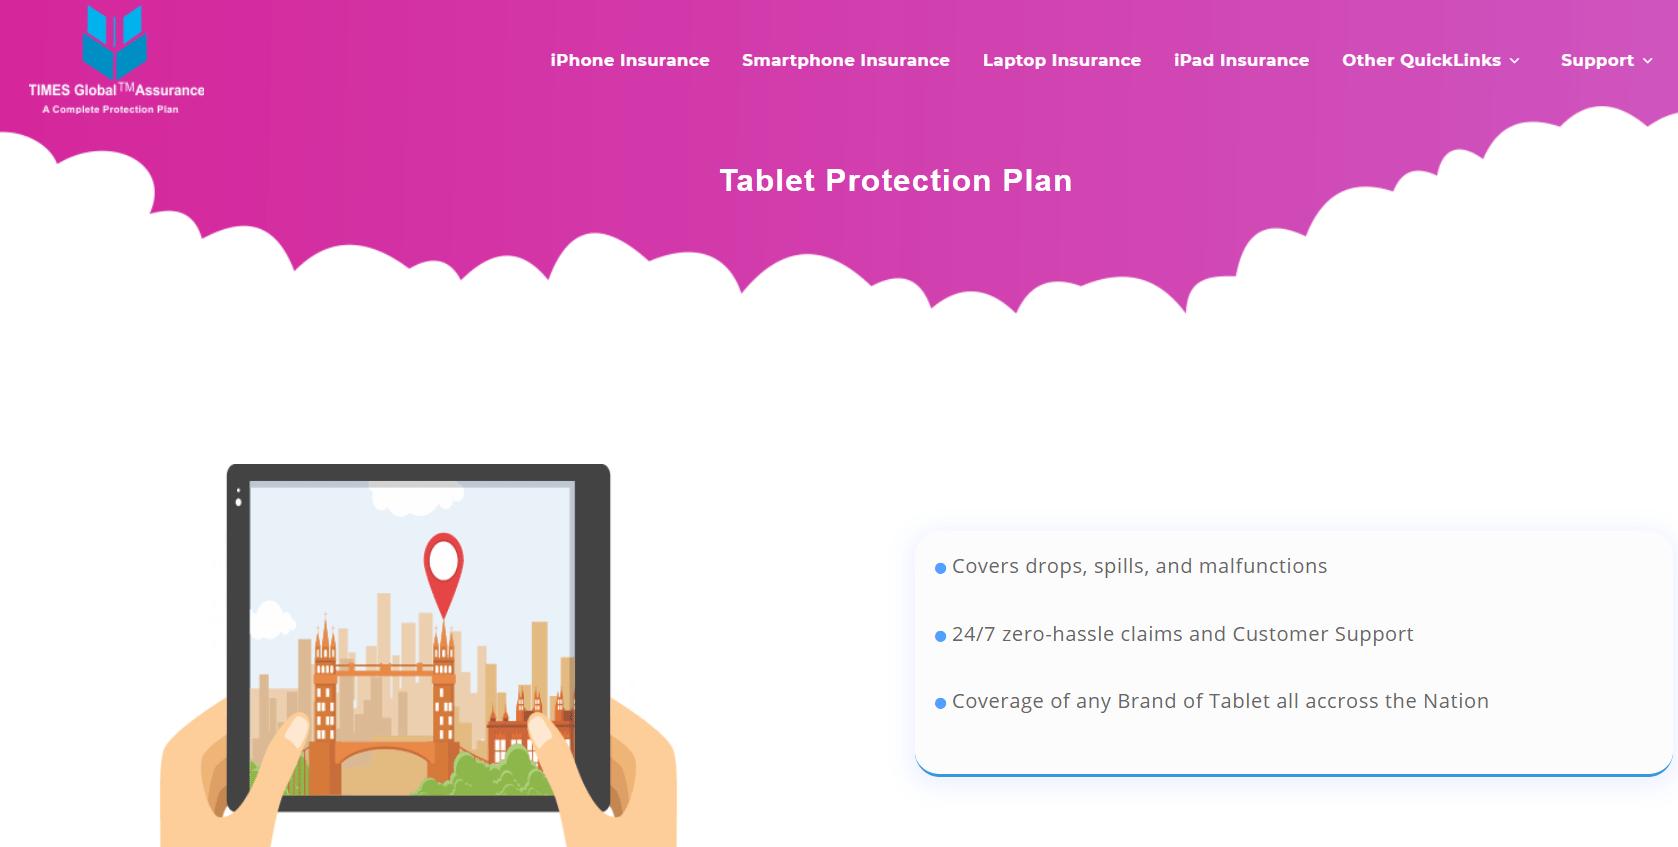 Times Global Mobile Protection